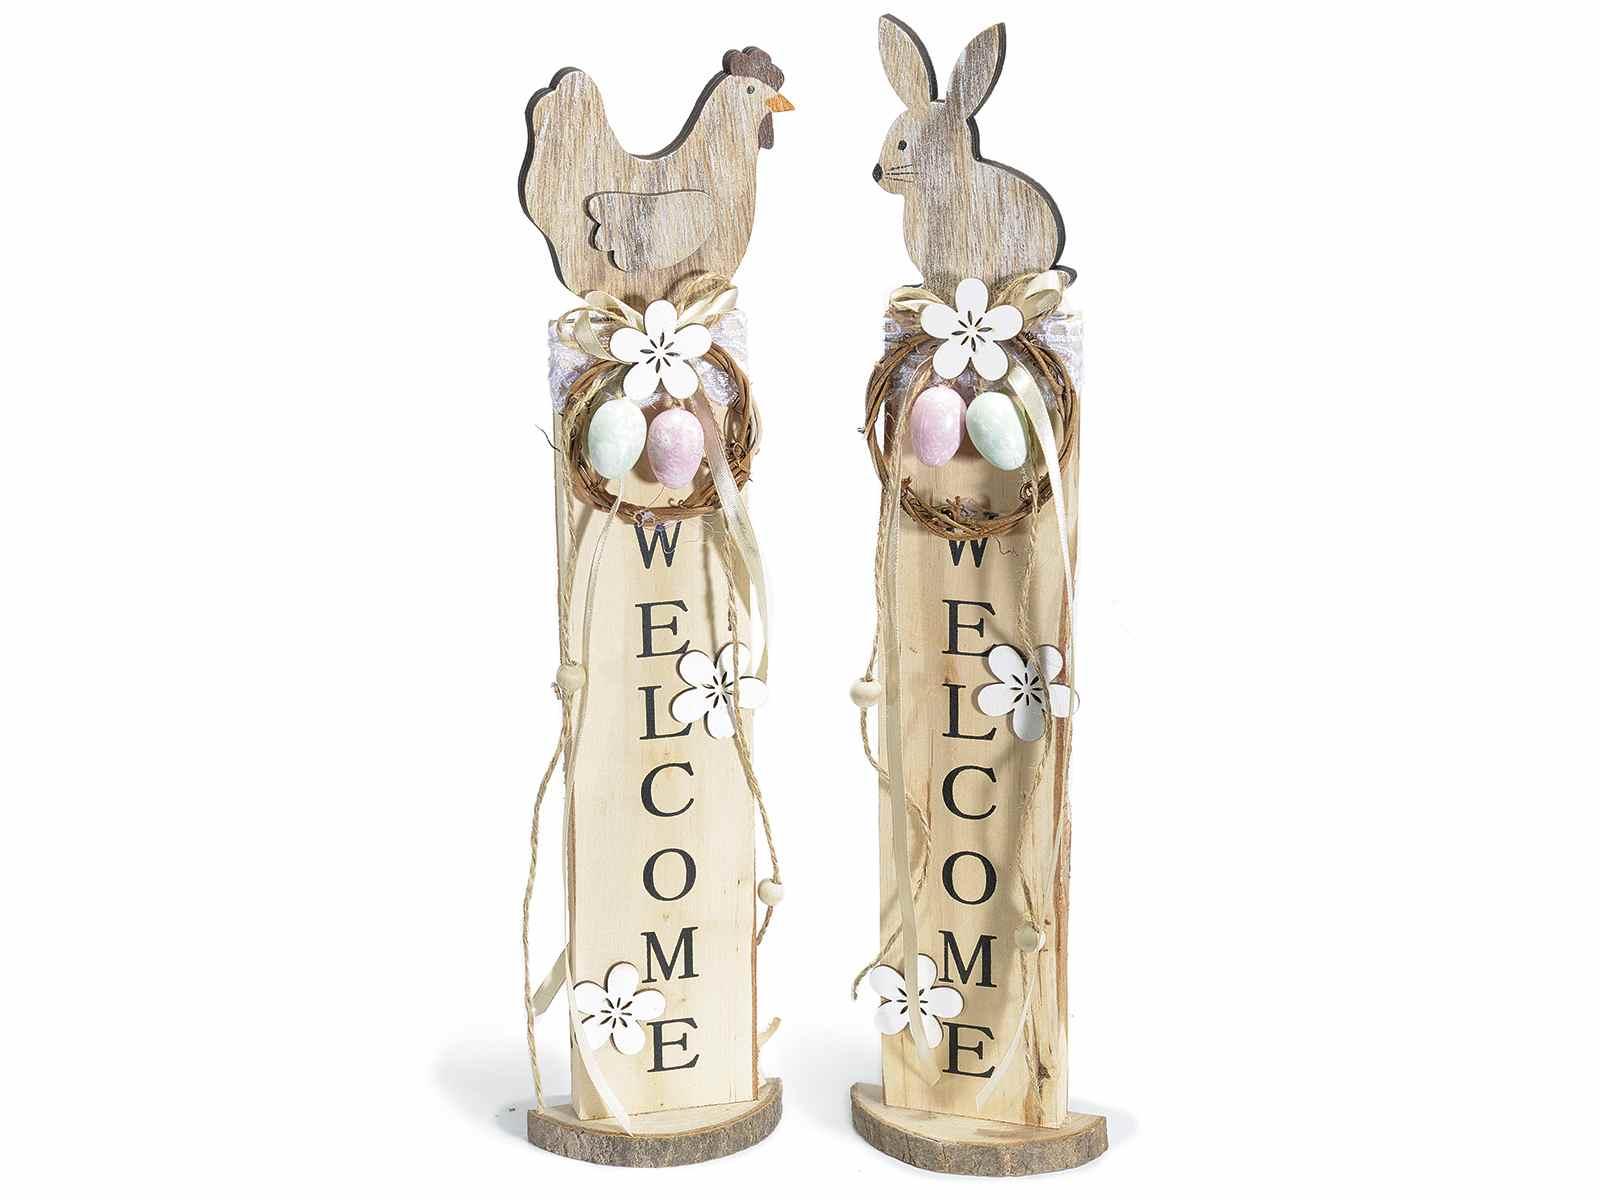 D coration de paques en bois avec deco welcome for Decoration exterieur pour paques